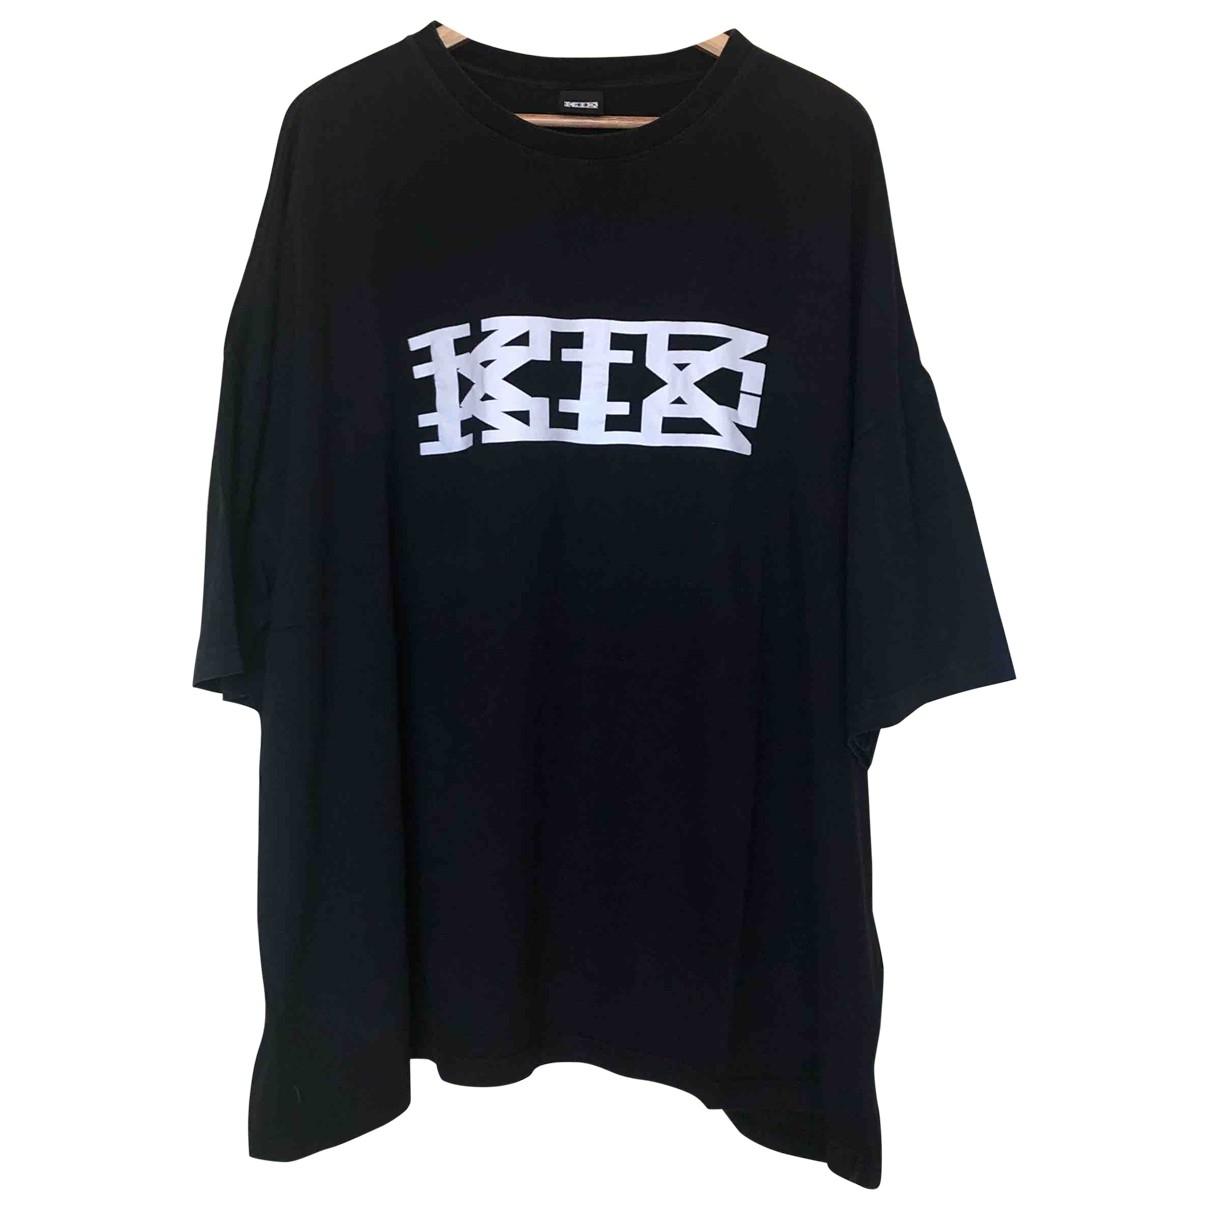 Ktz - Tee shirts   pour homme en coton - noir